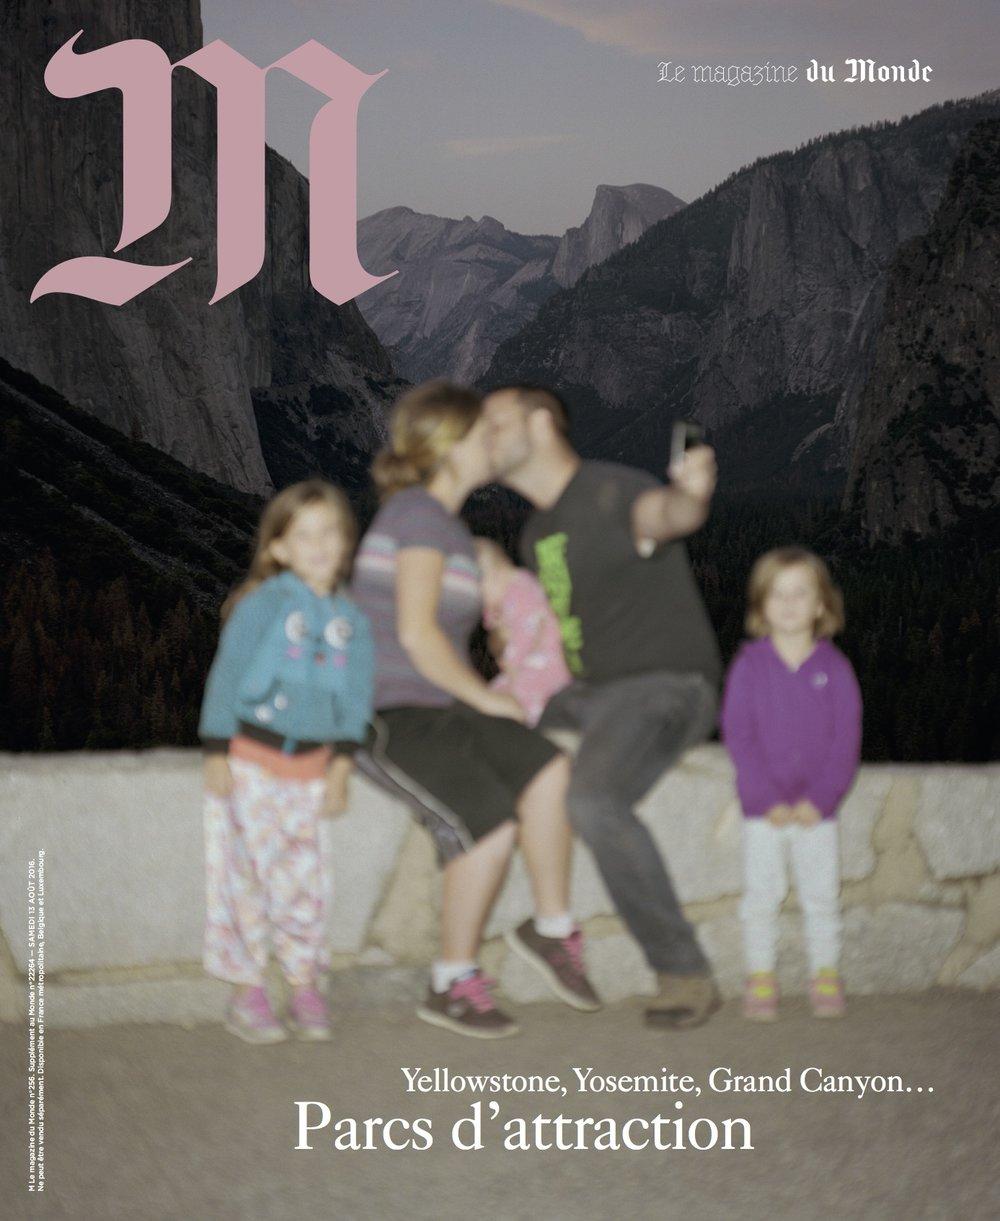 Yosemite for M Le magazine du Monde, 2016